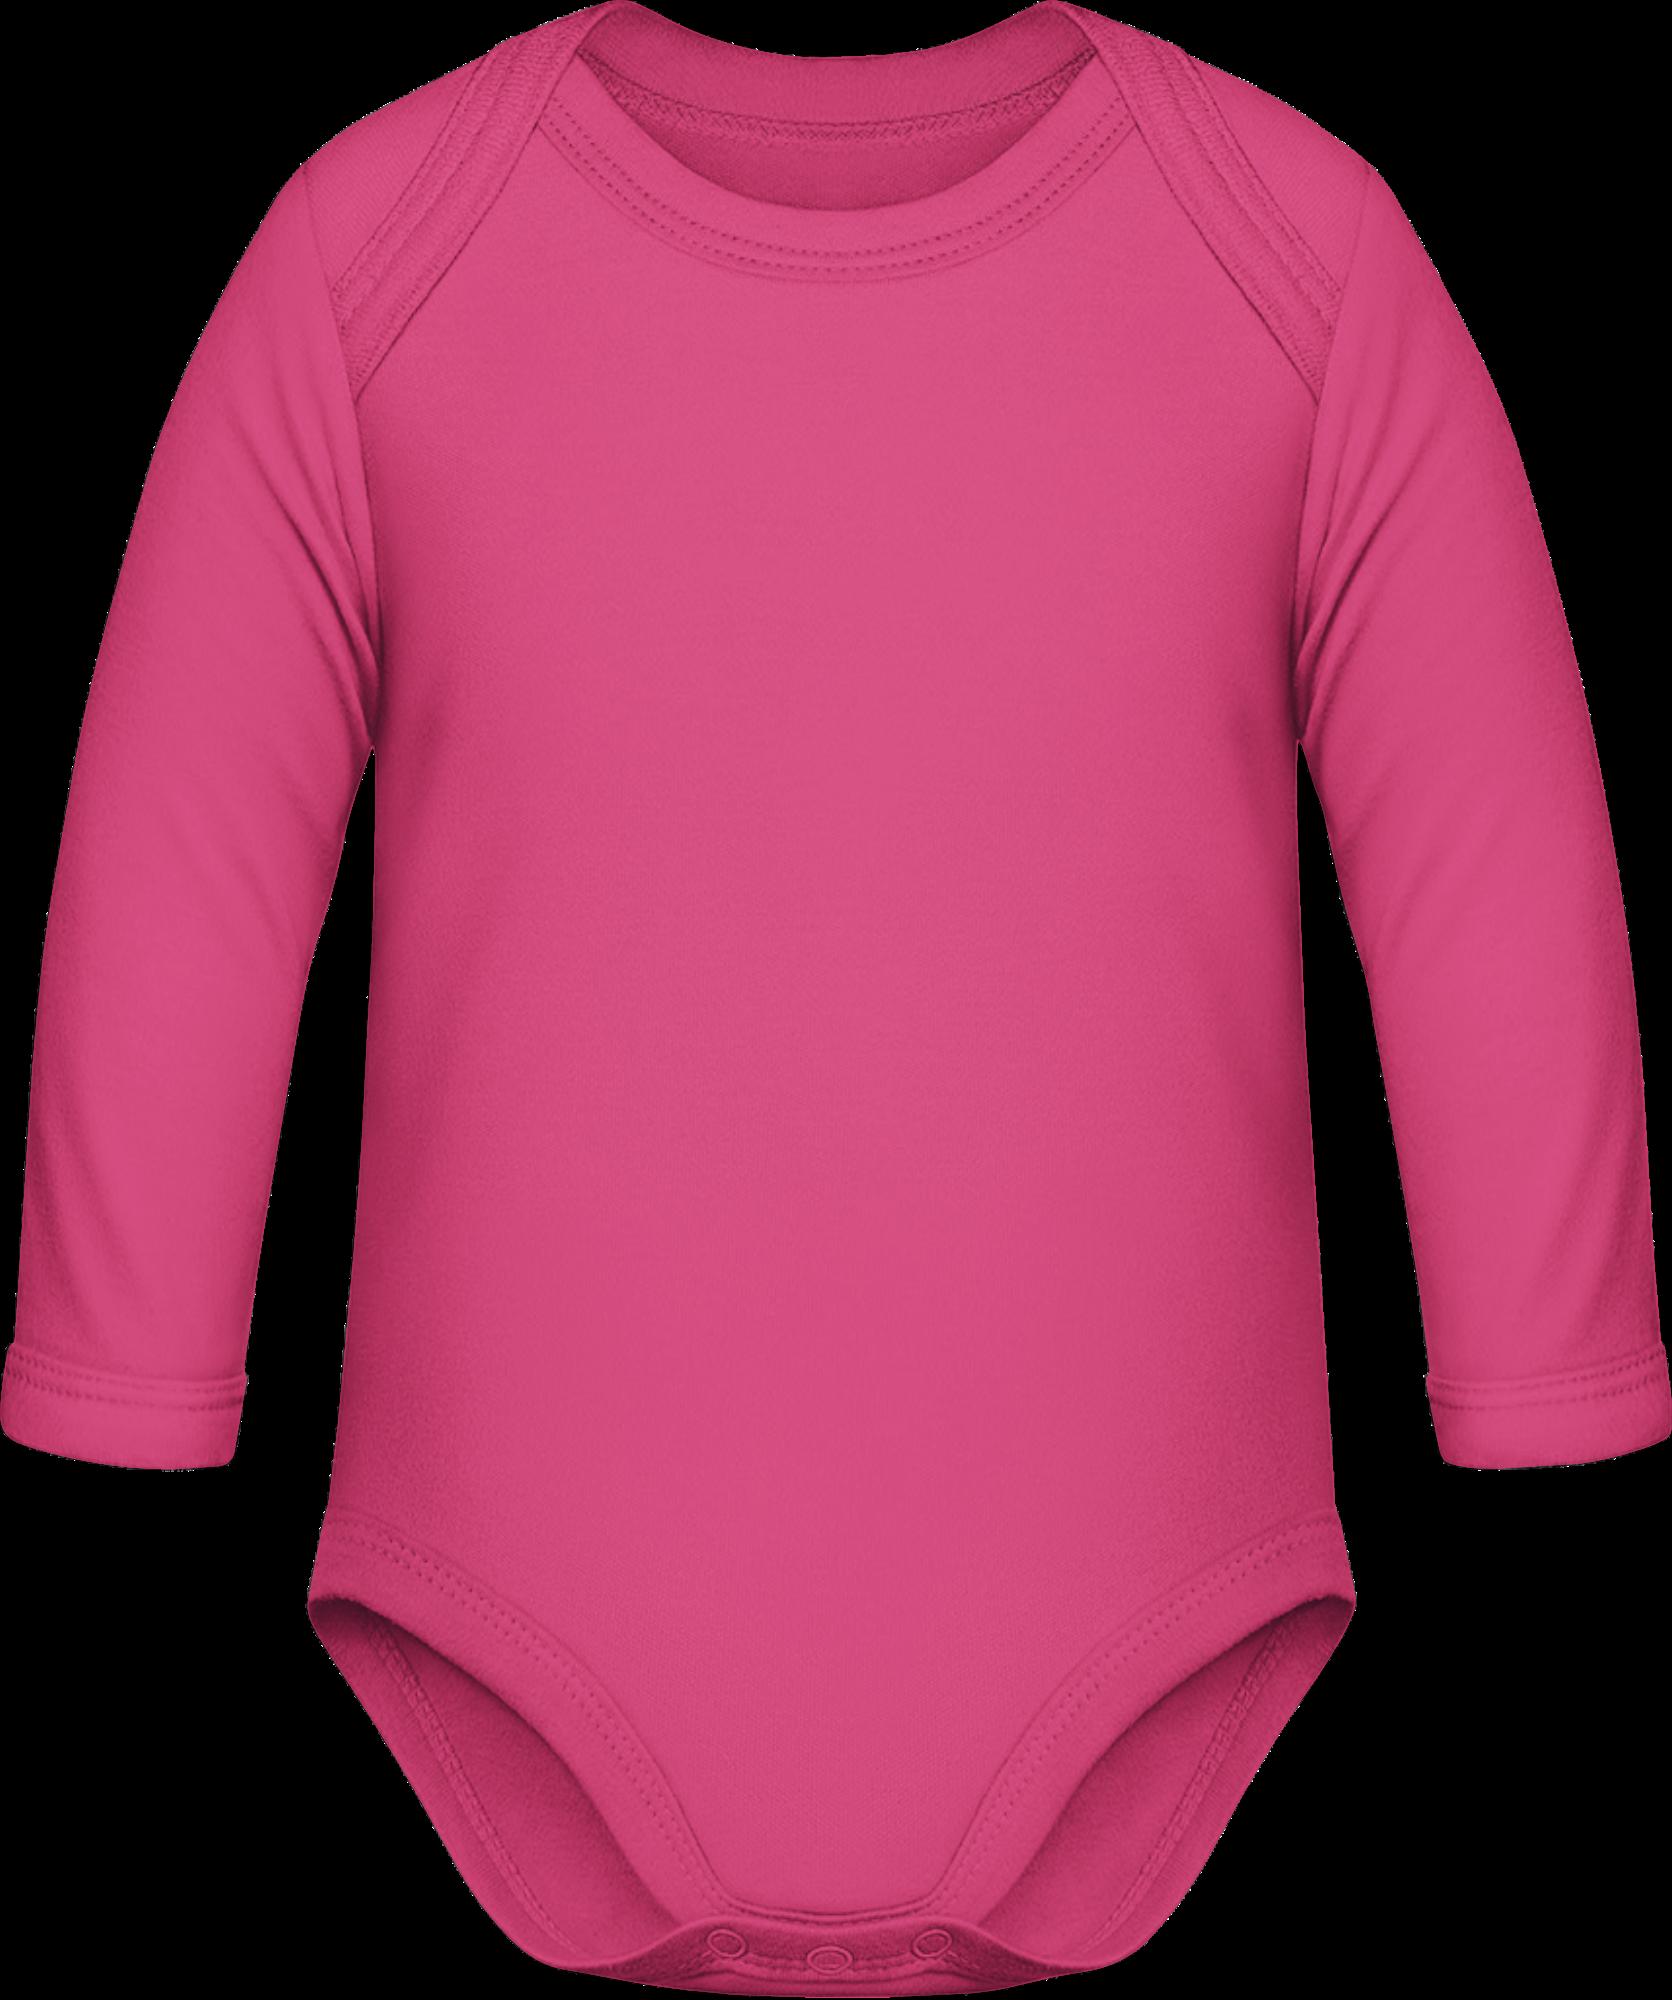 Organic Long Sleeve Bodysuit